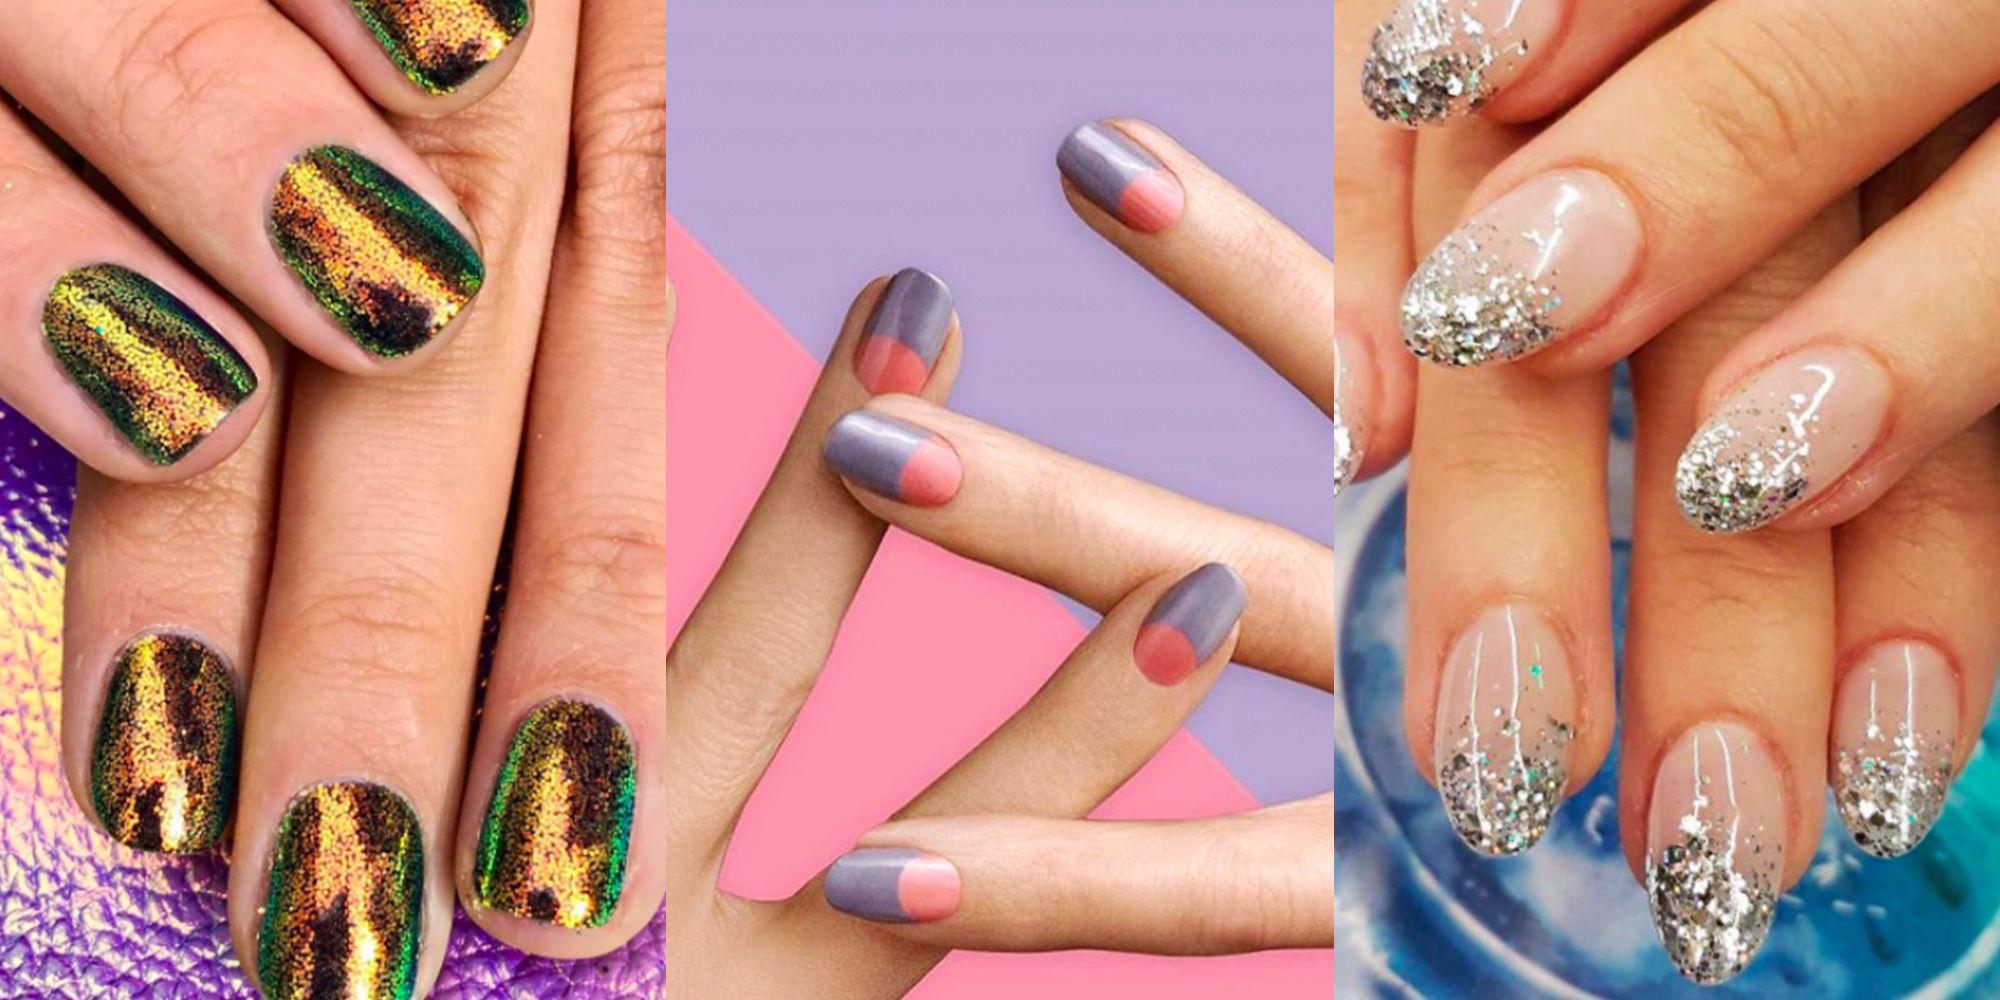 nail designs ideas 2018